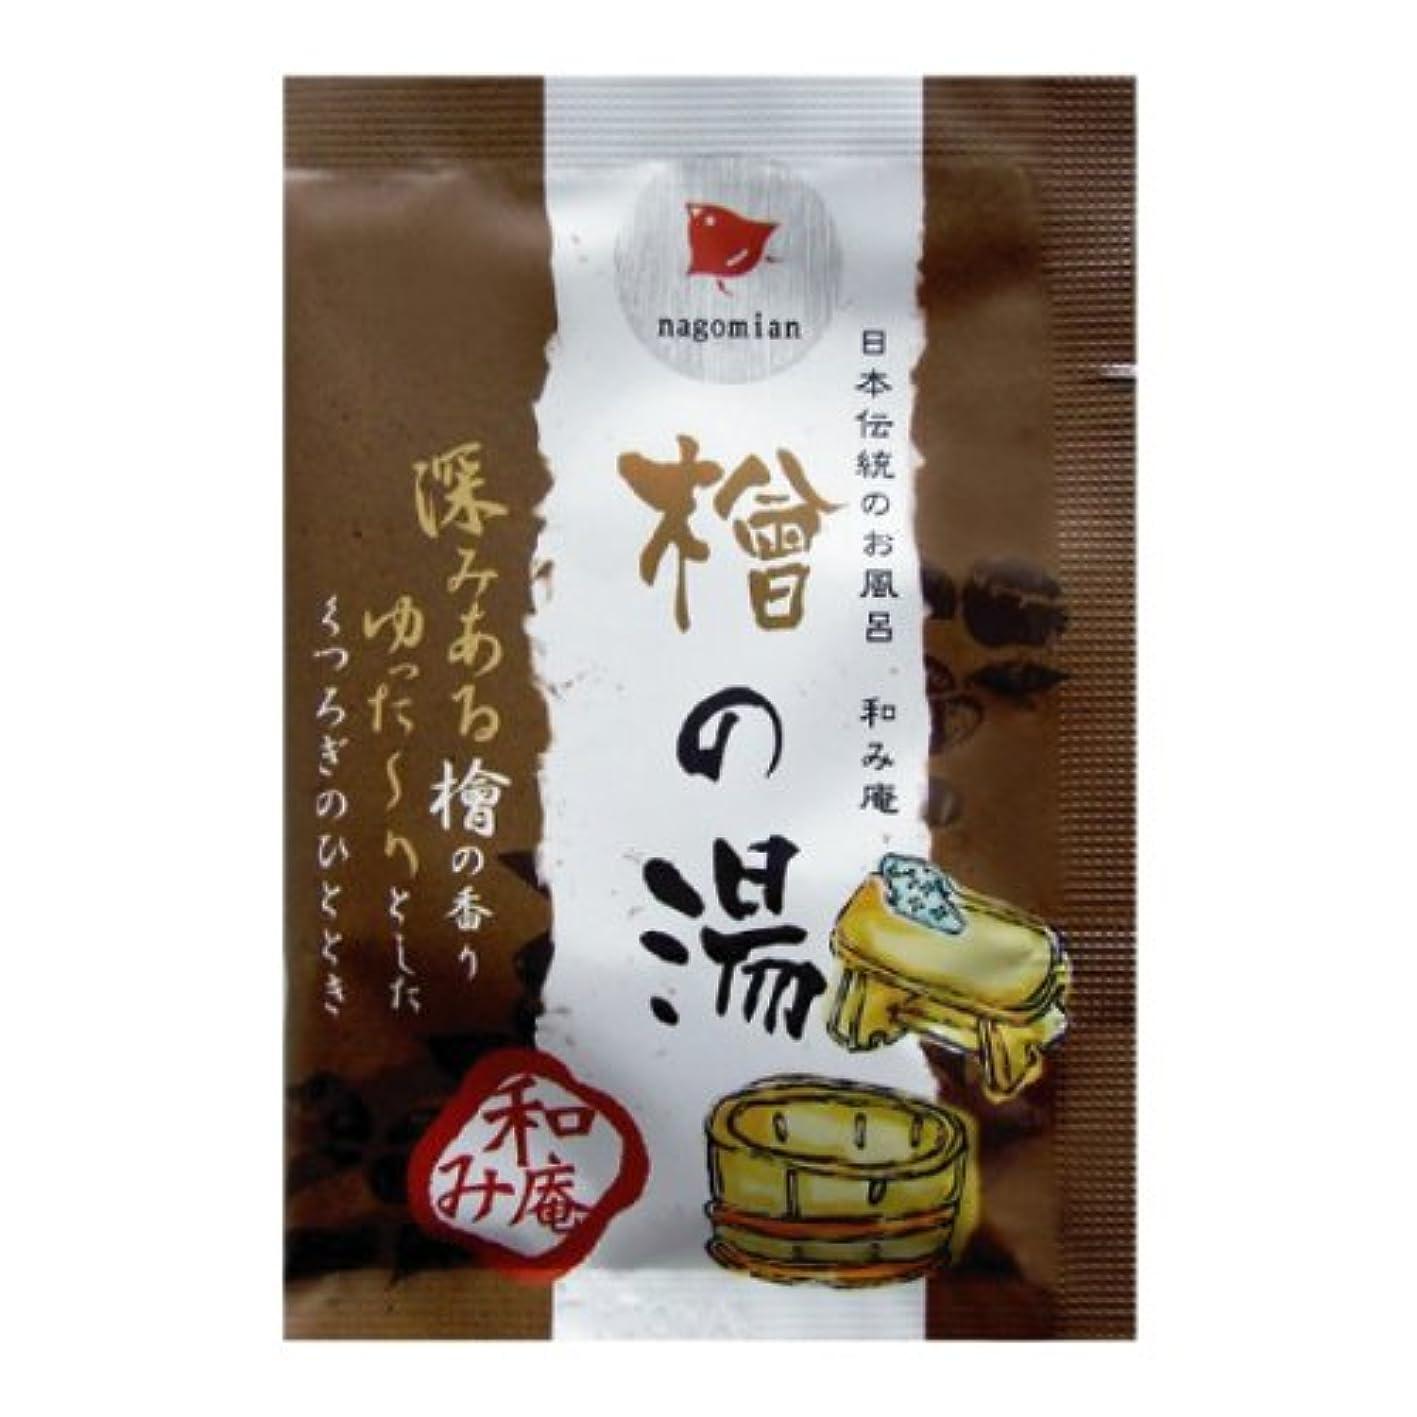 もろいその後賞賛する日本伝統のお風呂 和み庵 檜の湯 200包